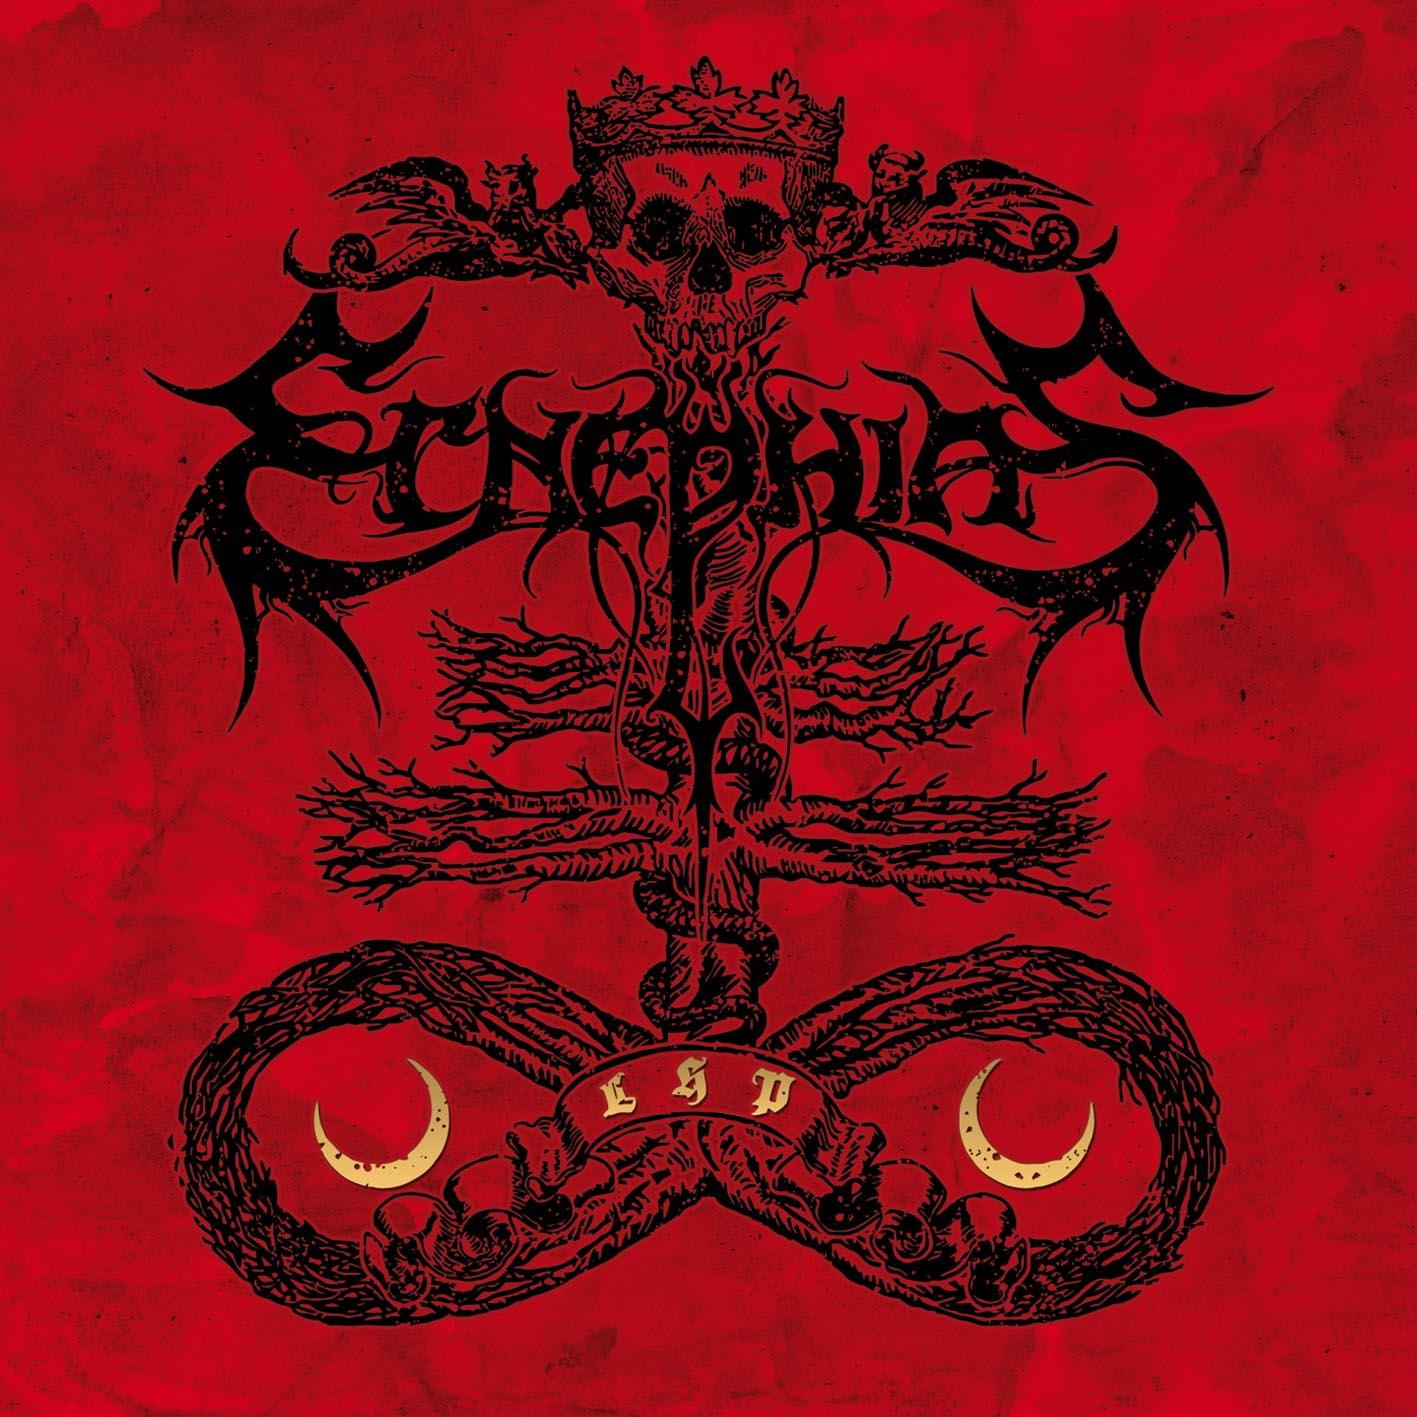 Ecnephias cover